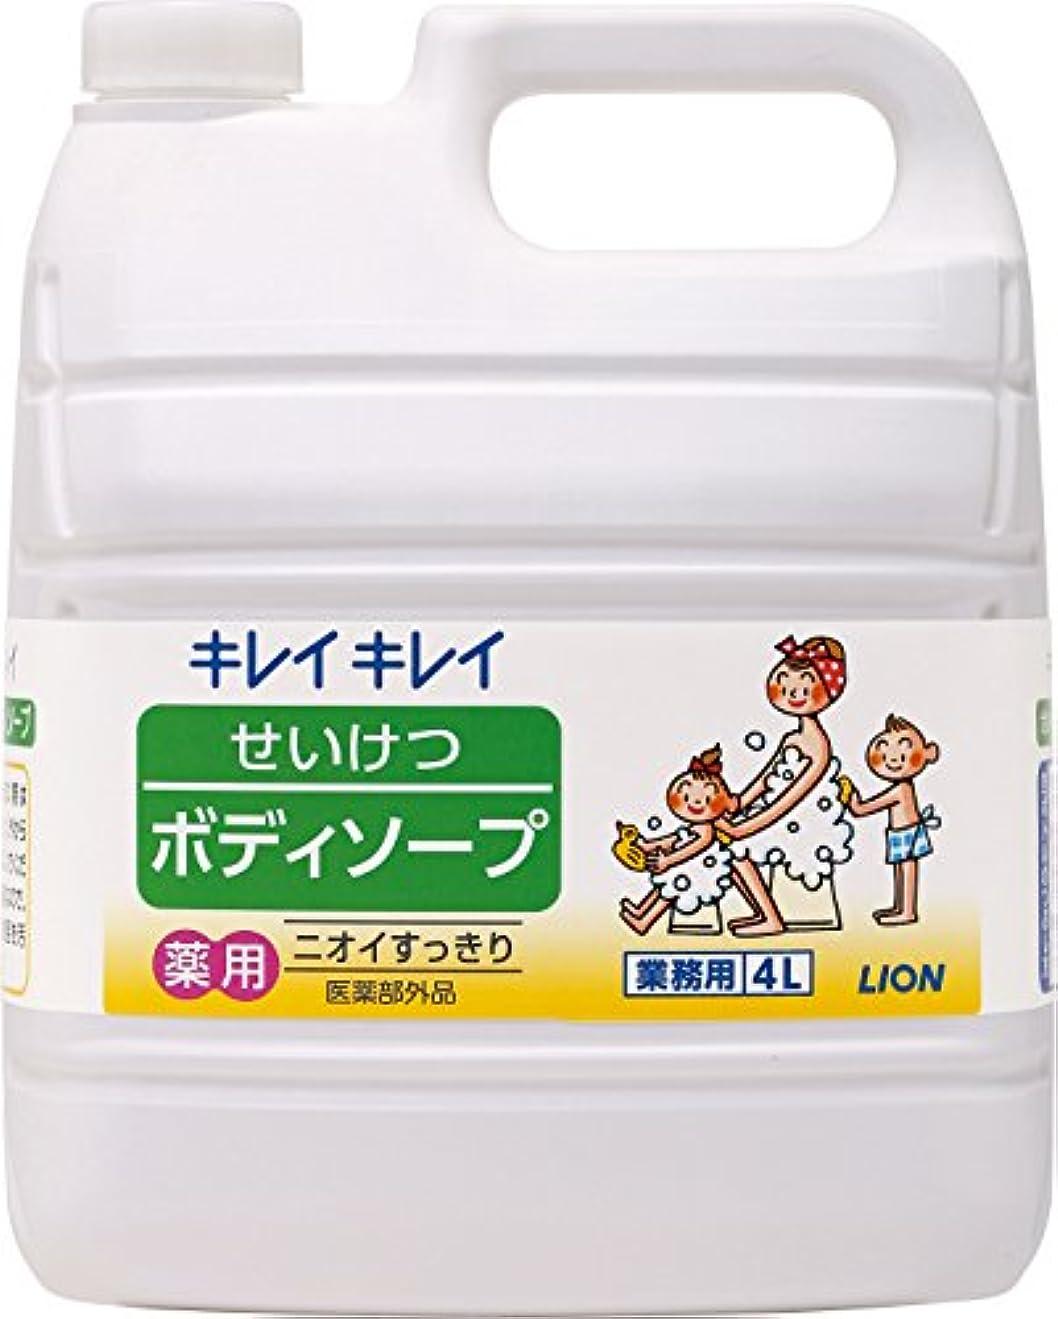 うまれたプロフィールリブ【業務用 大容量】キレイキレイ せいけつボディソープ さわやかなレモン&オレンジの香り 4L(医薬部外品)